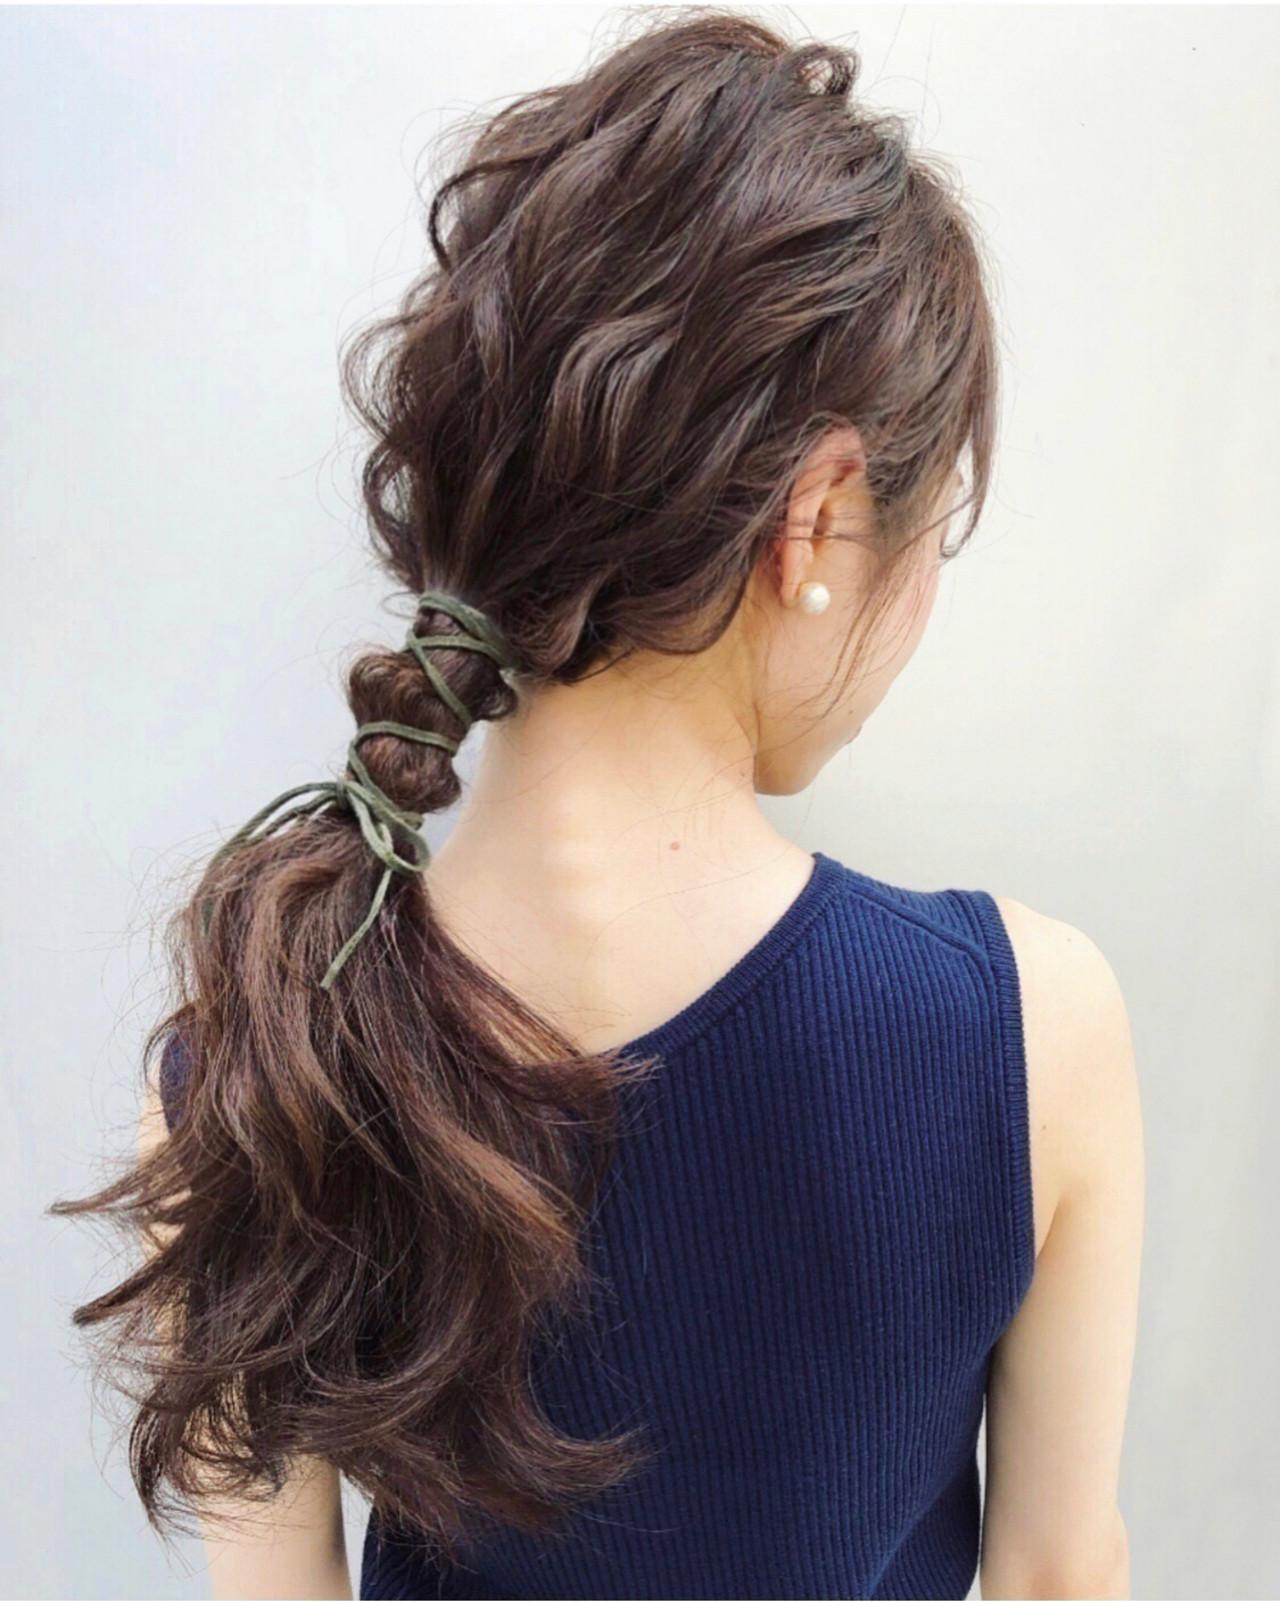 アンニュイほつれヘア セミロング ゆるナチュラル 簡単ヘアアレンジ ヘアスタイルや髪型の写真・画像